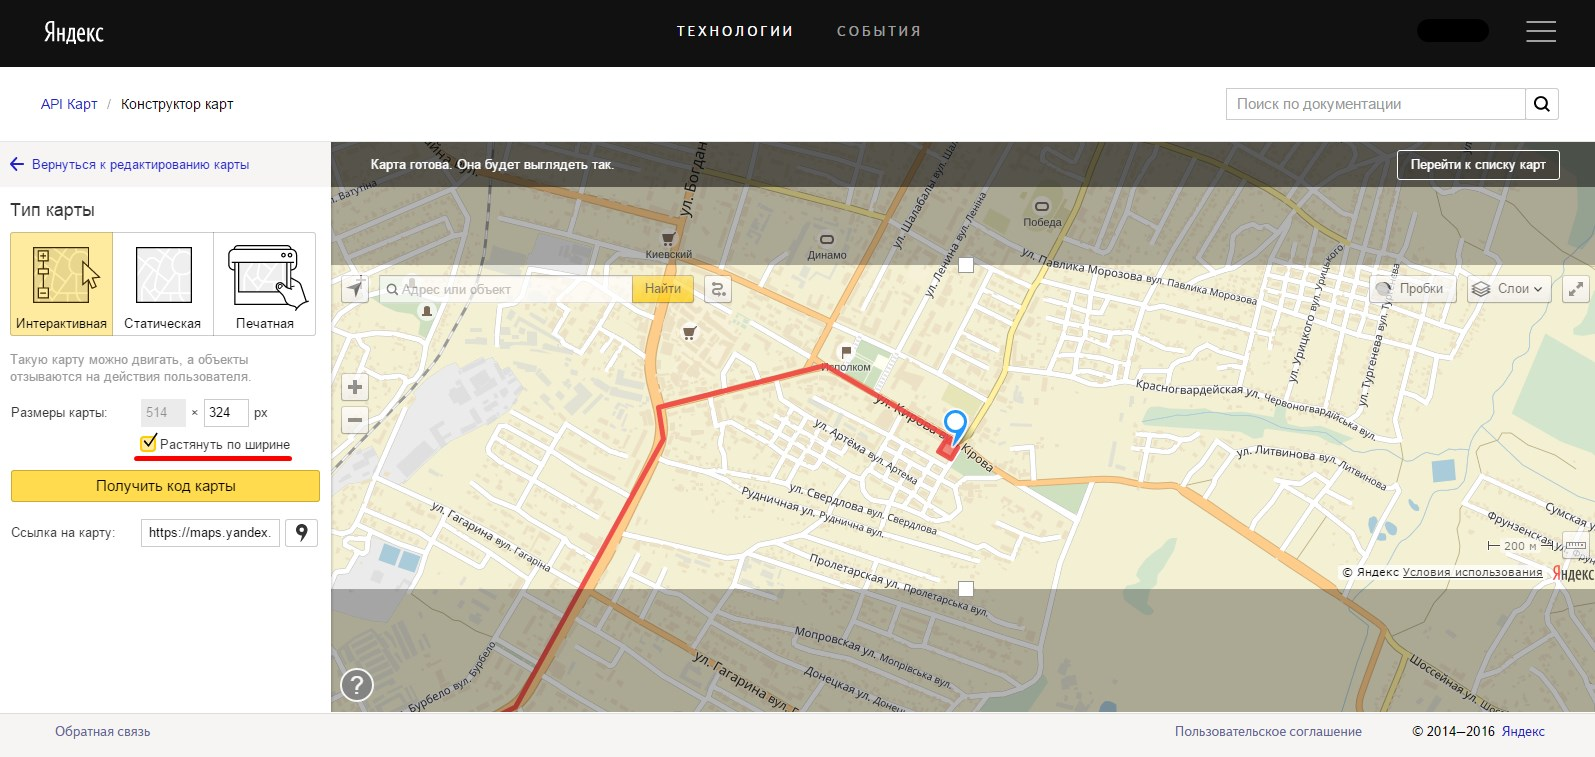 особенности настройки интерактивной карты